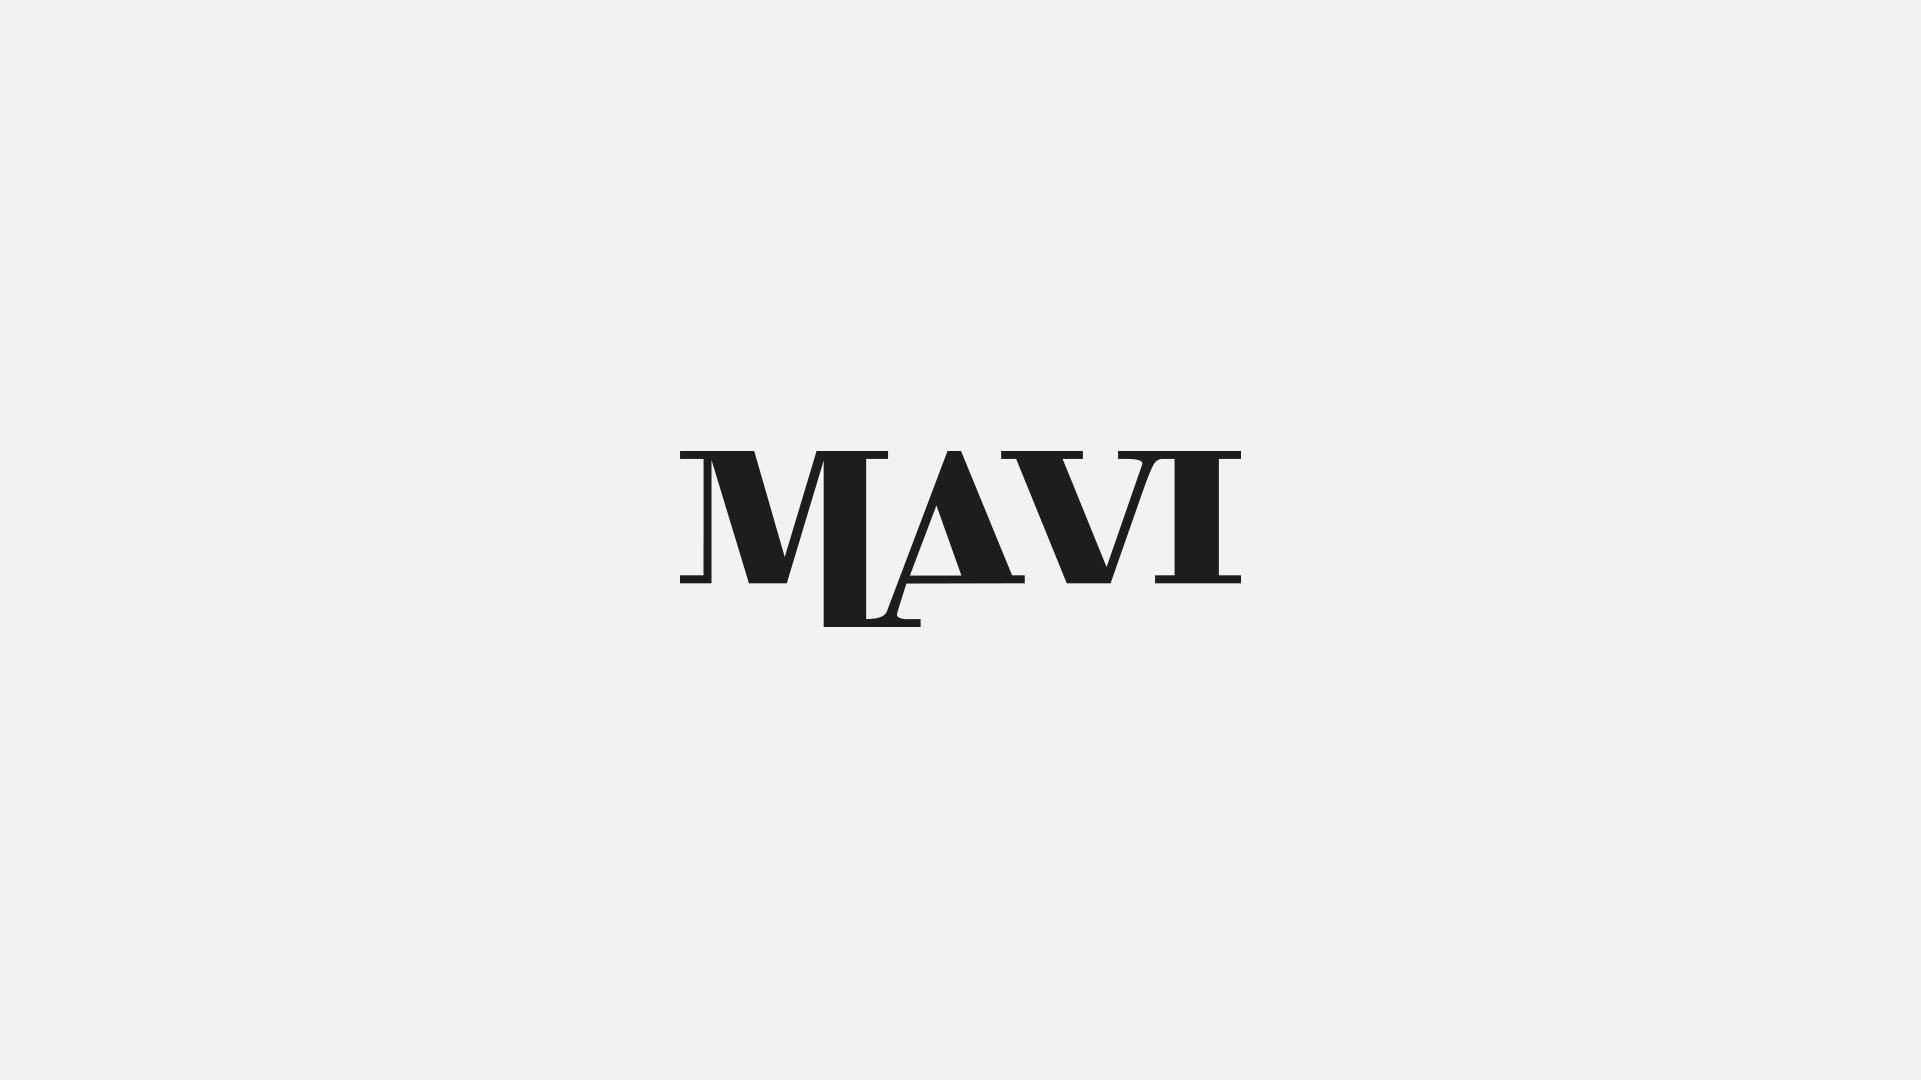 mavi_assecommunication